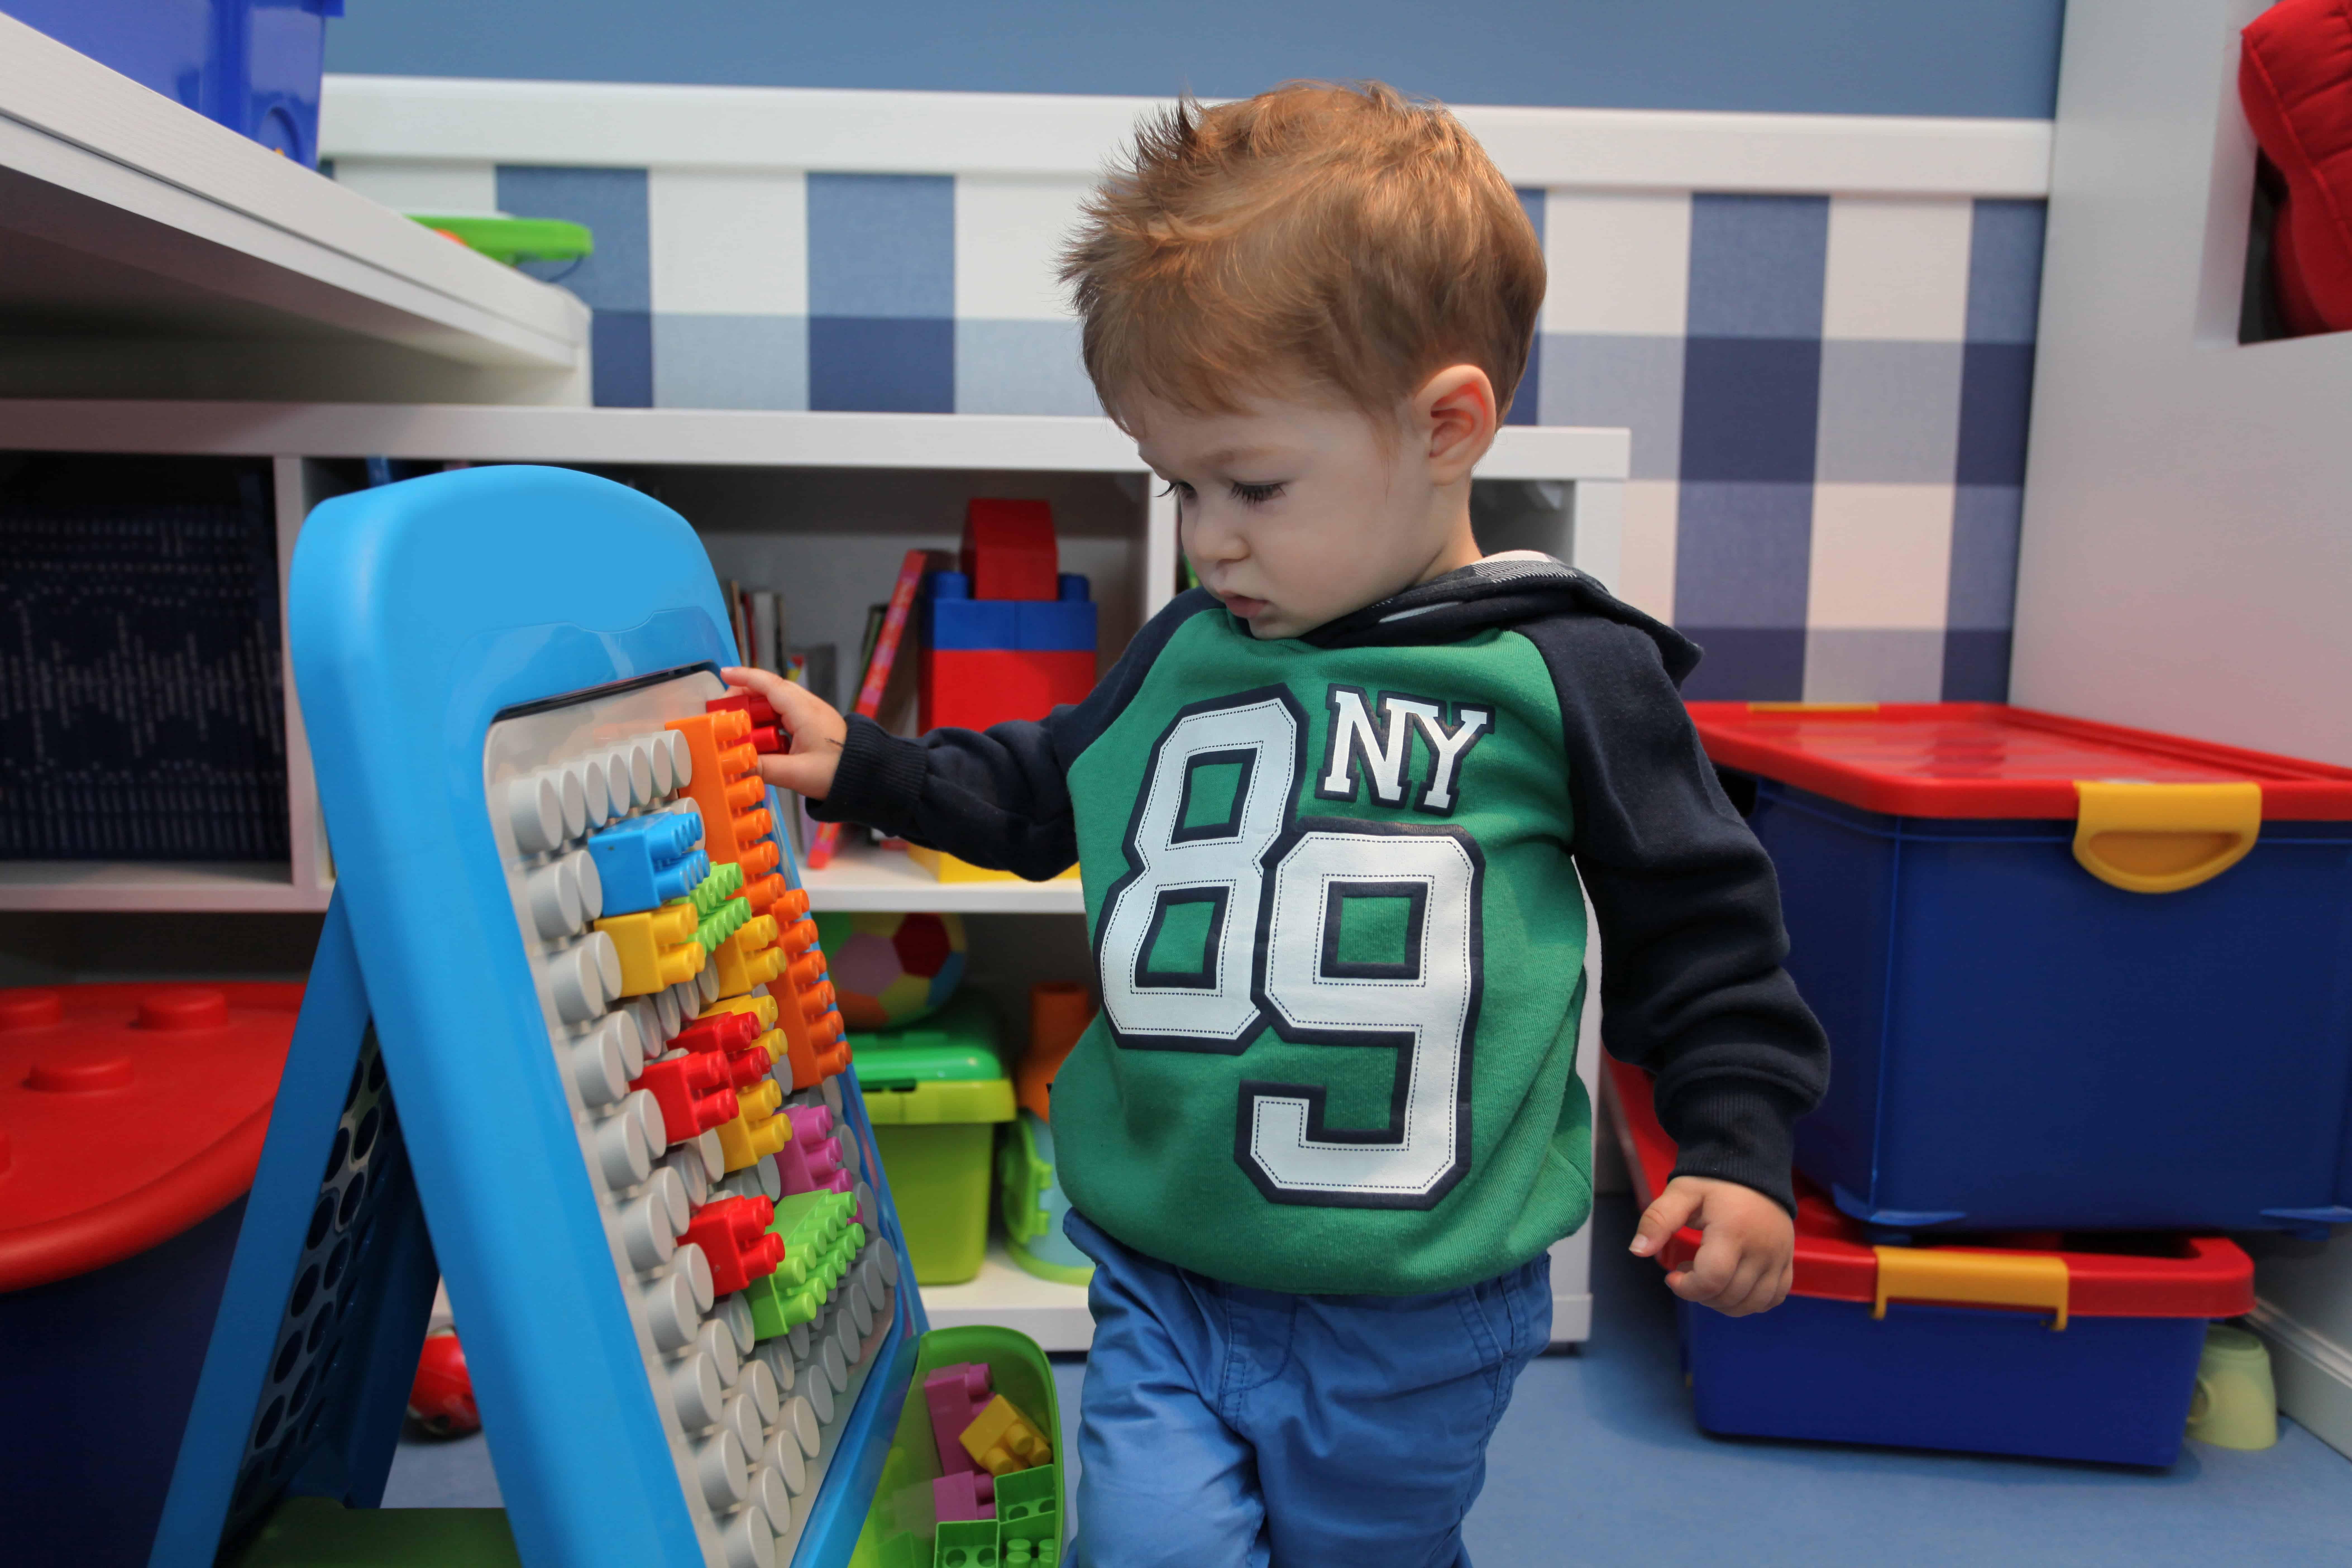 Bambino che gioca con lavagna di costruzioni